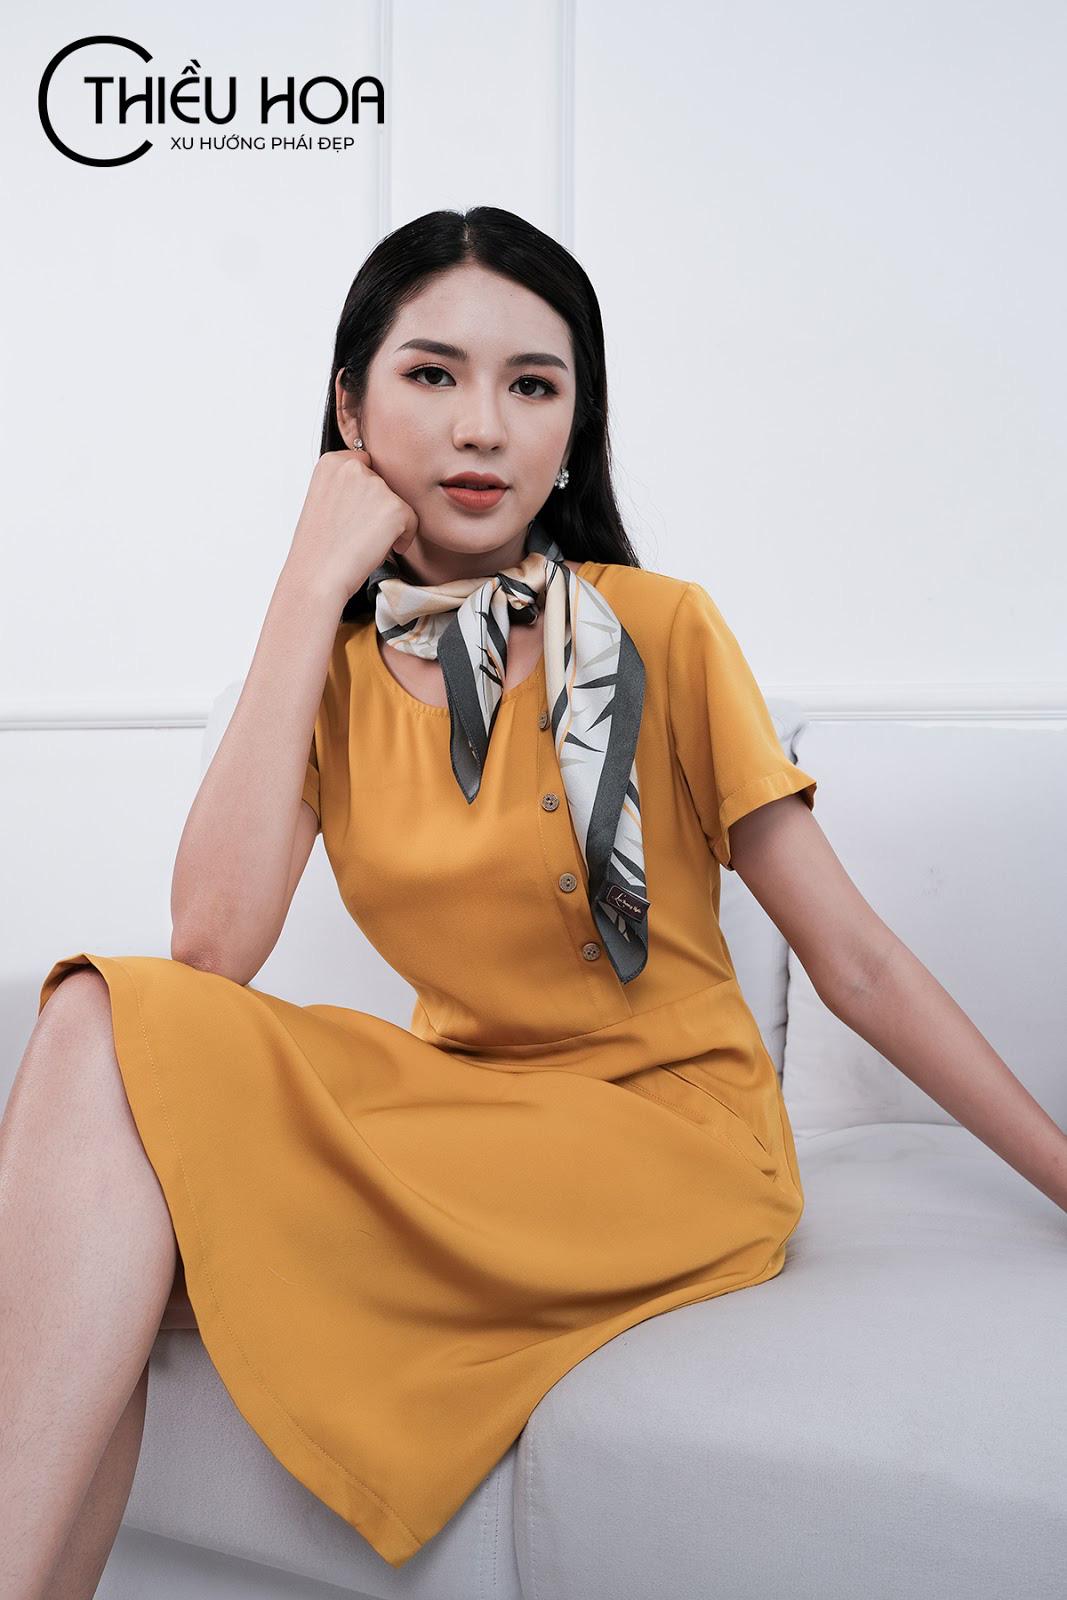 Thiều Hoa - Làn gió mới cho xu hướng thời trang phái đẹp - Ảnh 2.